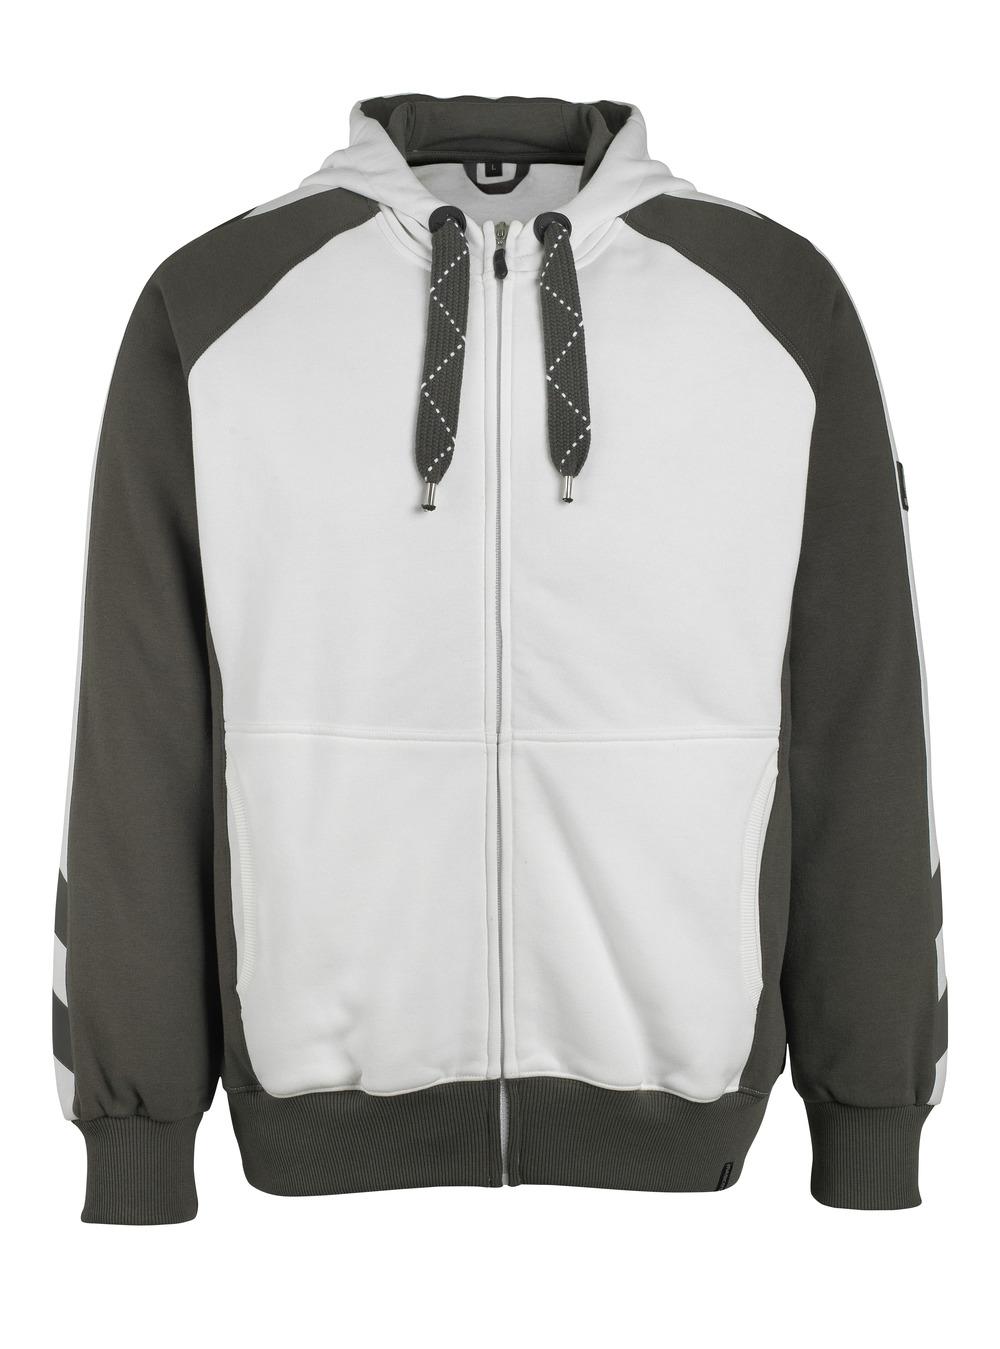 50509-811-0618 Sudadera con capucha con cremallera - blanco/antracita oscuro